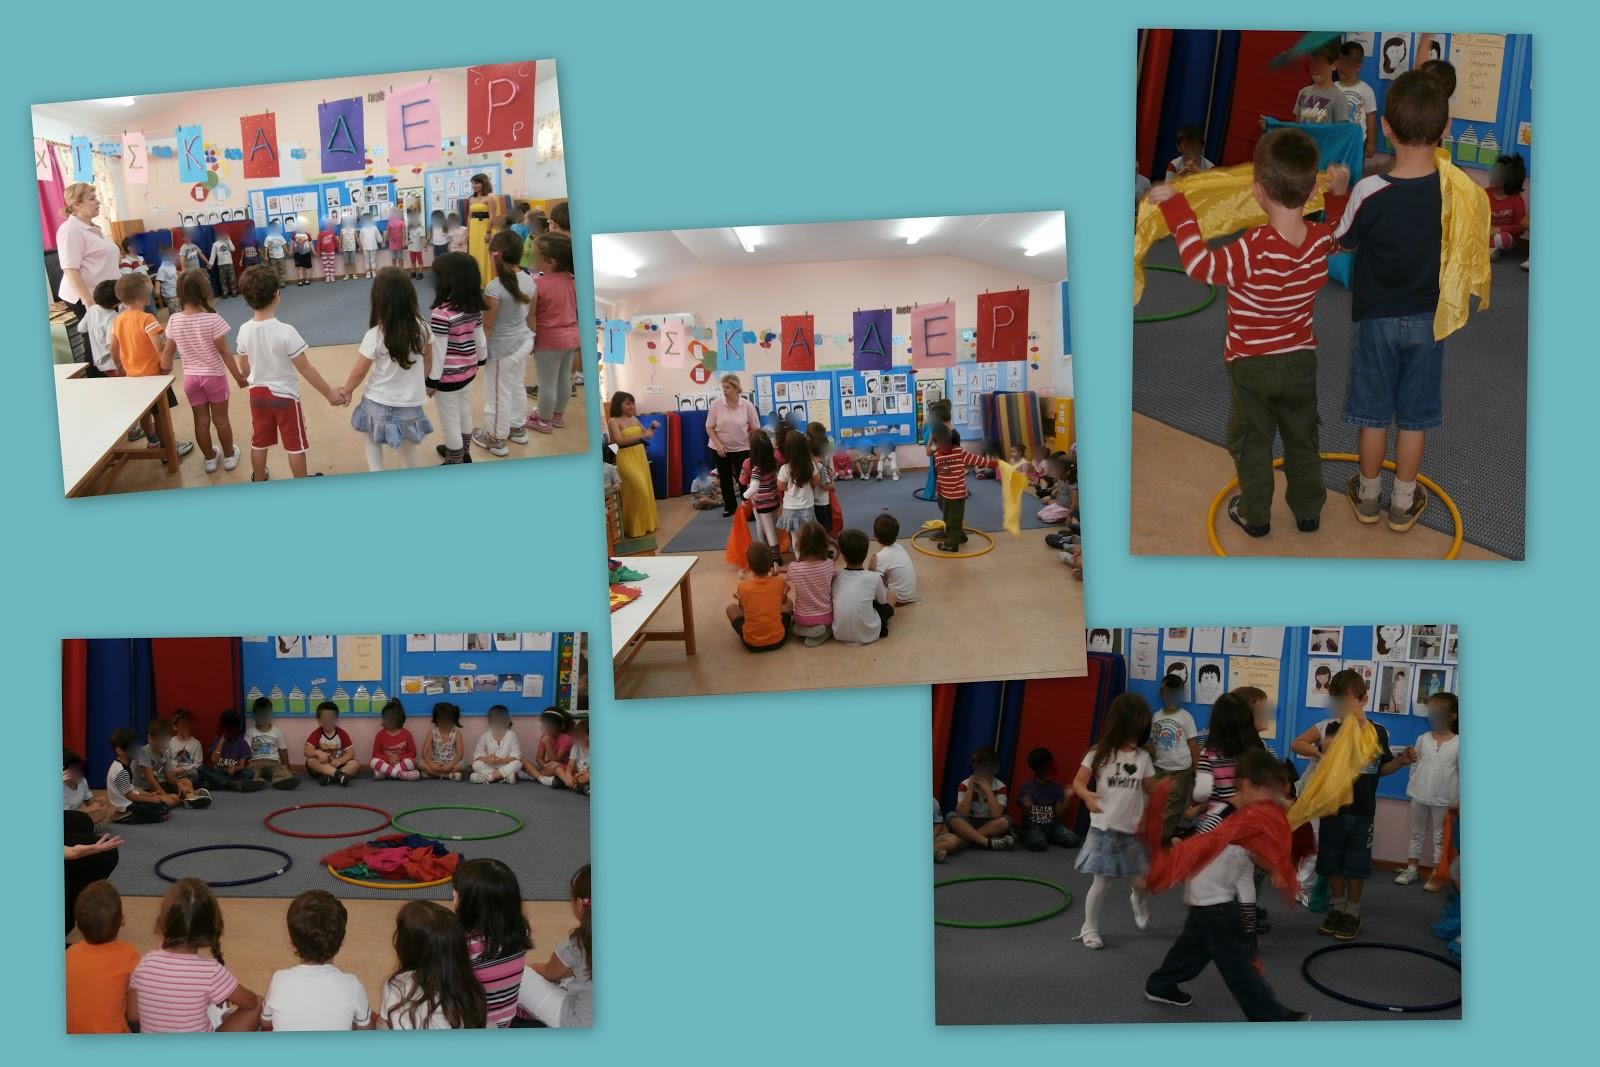 Η συνεργασία μας με την υπεύθυνη του προγράμματος Αγωγής Υγείας κα Αργυρίου  ήταν άμεση. Η ίδια επισκέφθηκε το σχολείο και εργάστηκε με τα παιδιά πάνω  στα ... 03eff1b557f